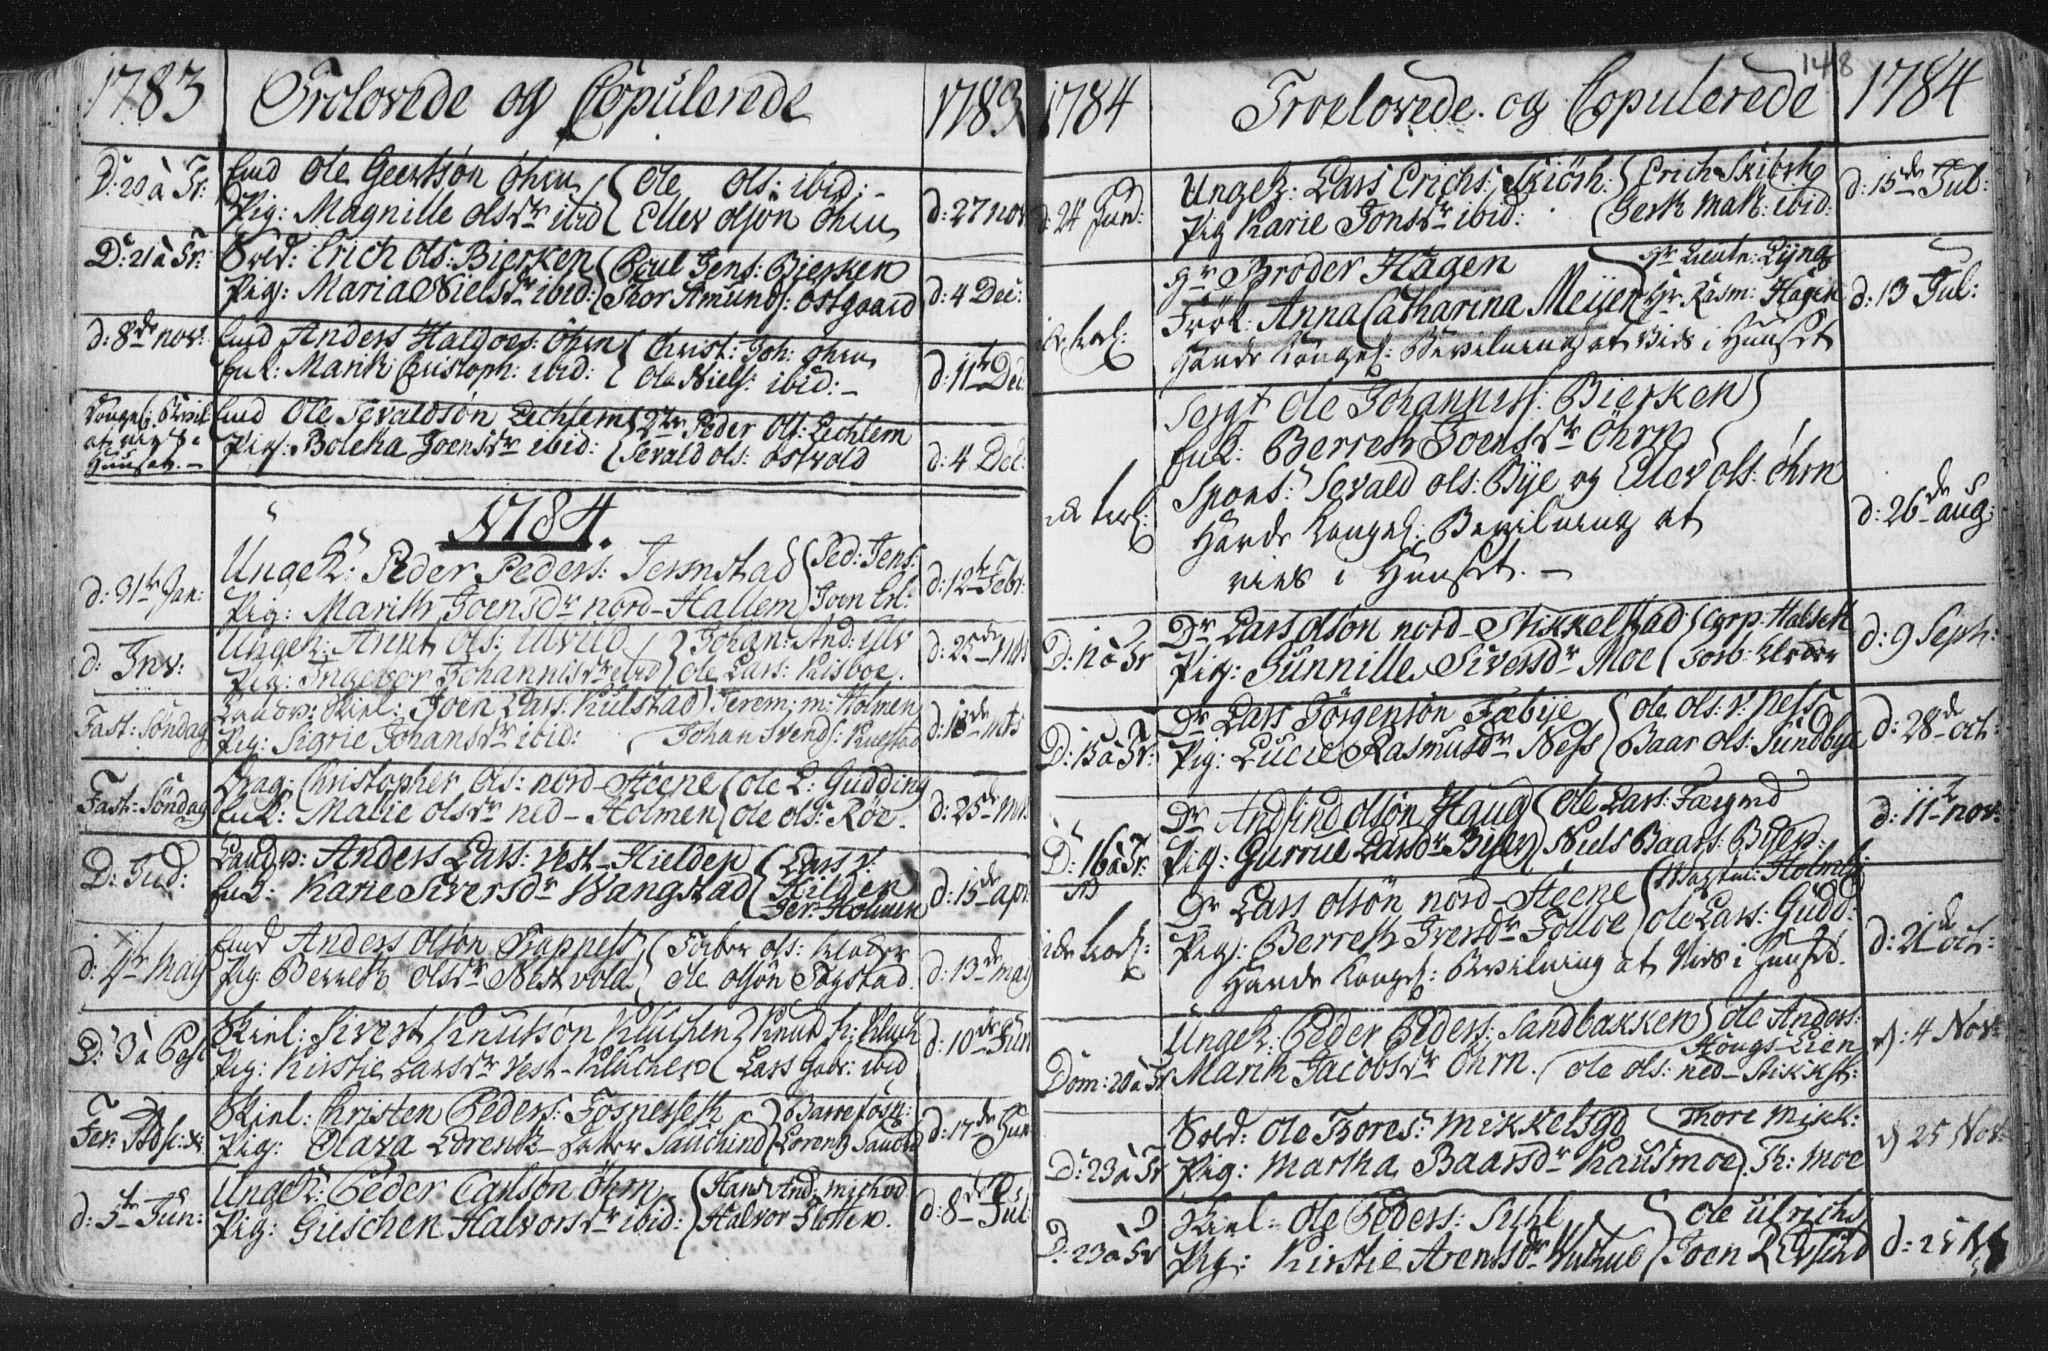 SAT, Ministerialprotokoller, klokkerbøker og fødselsregistre - Nord-Trøndelag, 723/L0232: Ministerialbok nr. 723A03, 1781-1804, s. 148